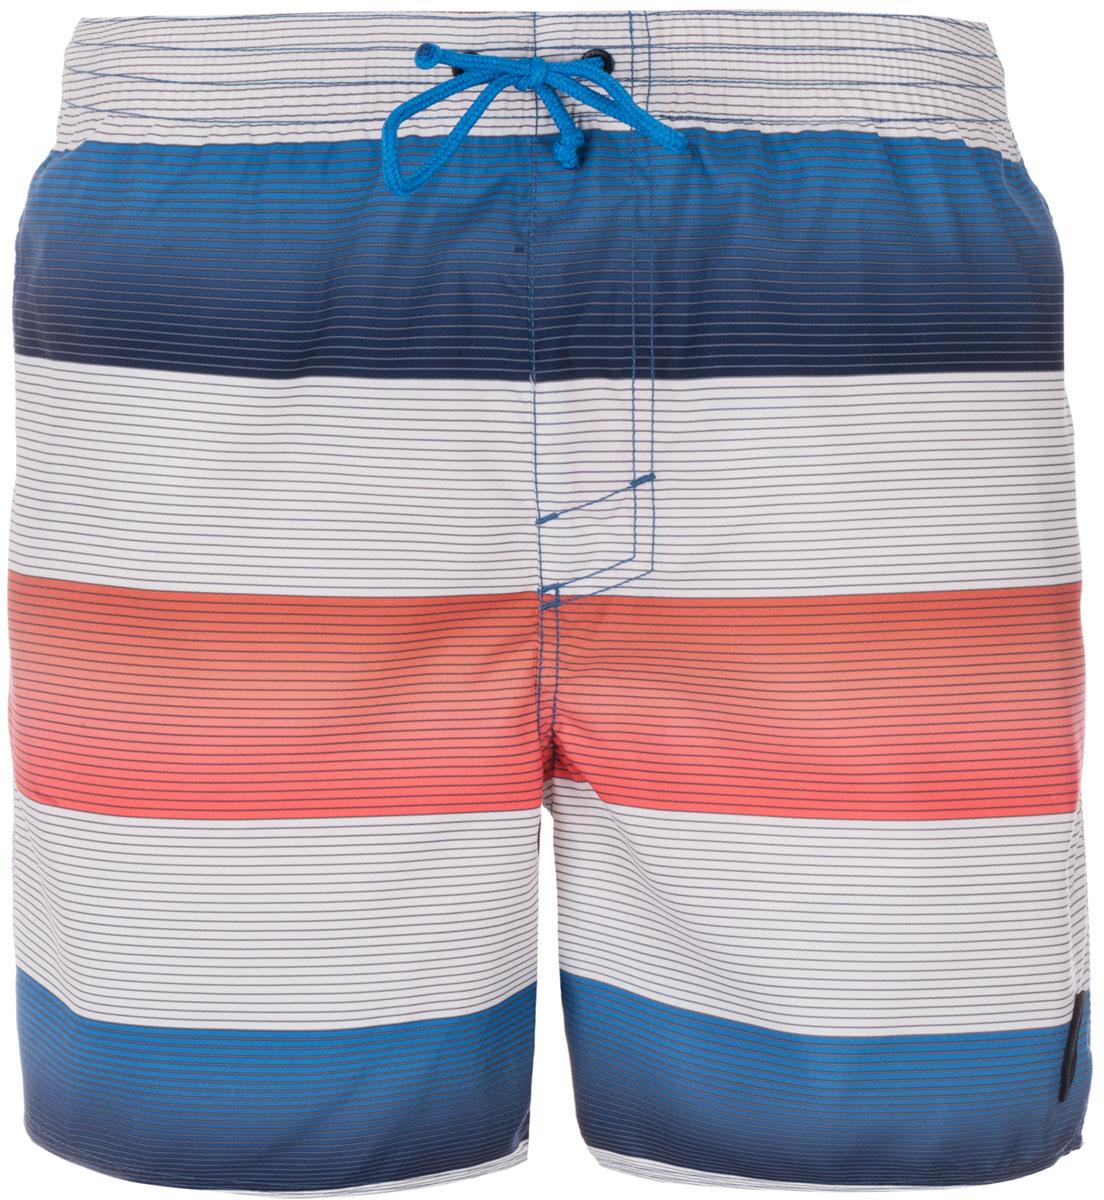 Шорты пляжные мужские ONeill Pm Santa Cruz Stripe Shorts, цвет: белый, оранжевый, синий. 7A3674-1900. Размер S (46/48)7A3674-1900Мужские пляжные шорты ONeill выполнены из 100% полиэстера. Технология Hyperdry надежно защищает от влаги, пропускает воздух и позволяет ткани быстро сохнуть. Пояс снабжен эластичной резинкой с затягивающимся шнурком для комфортной посадки. Изделие декорировано принтом в виде полосок.